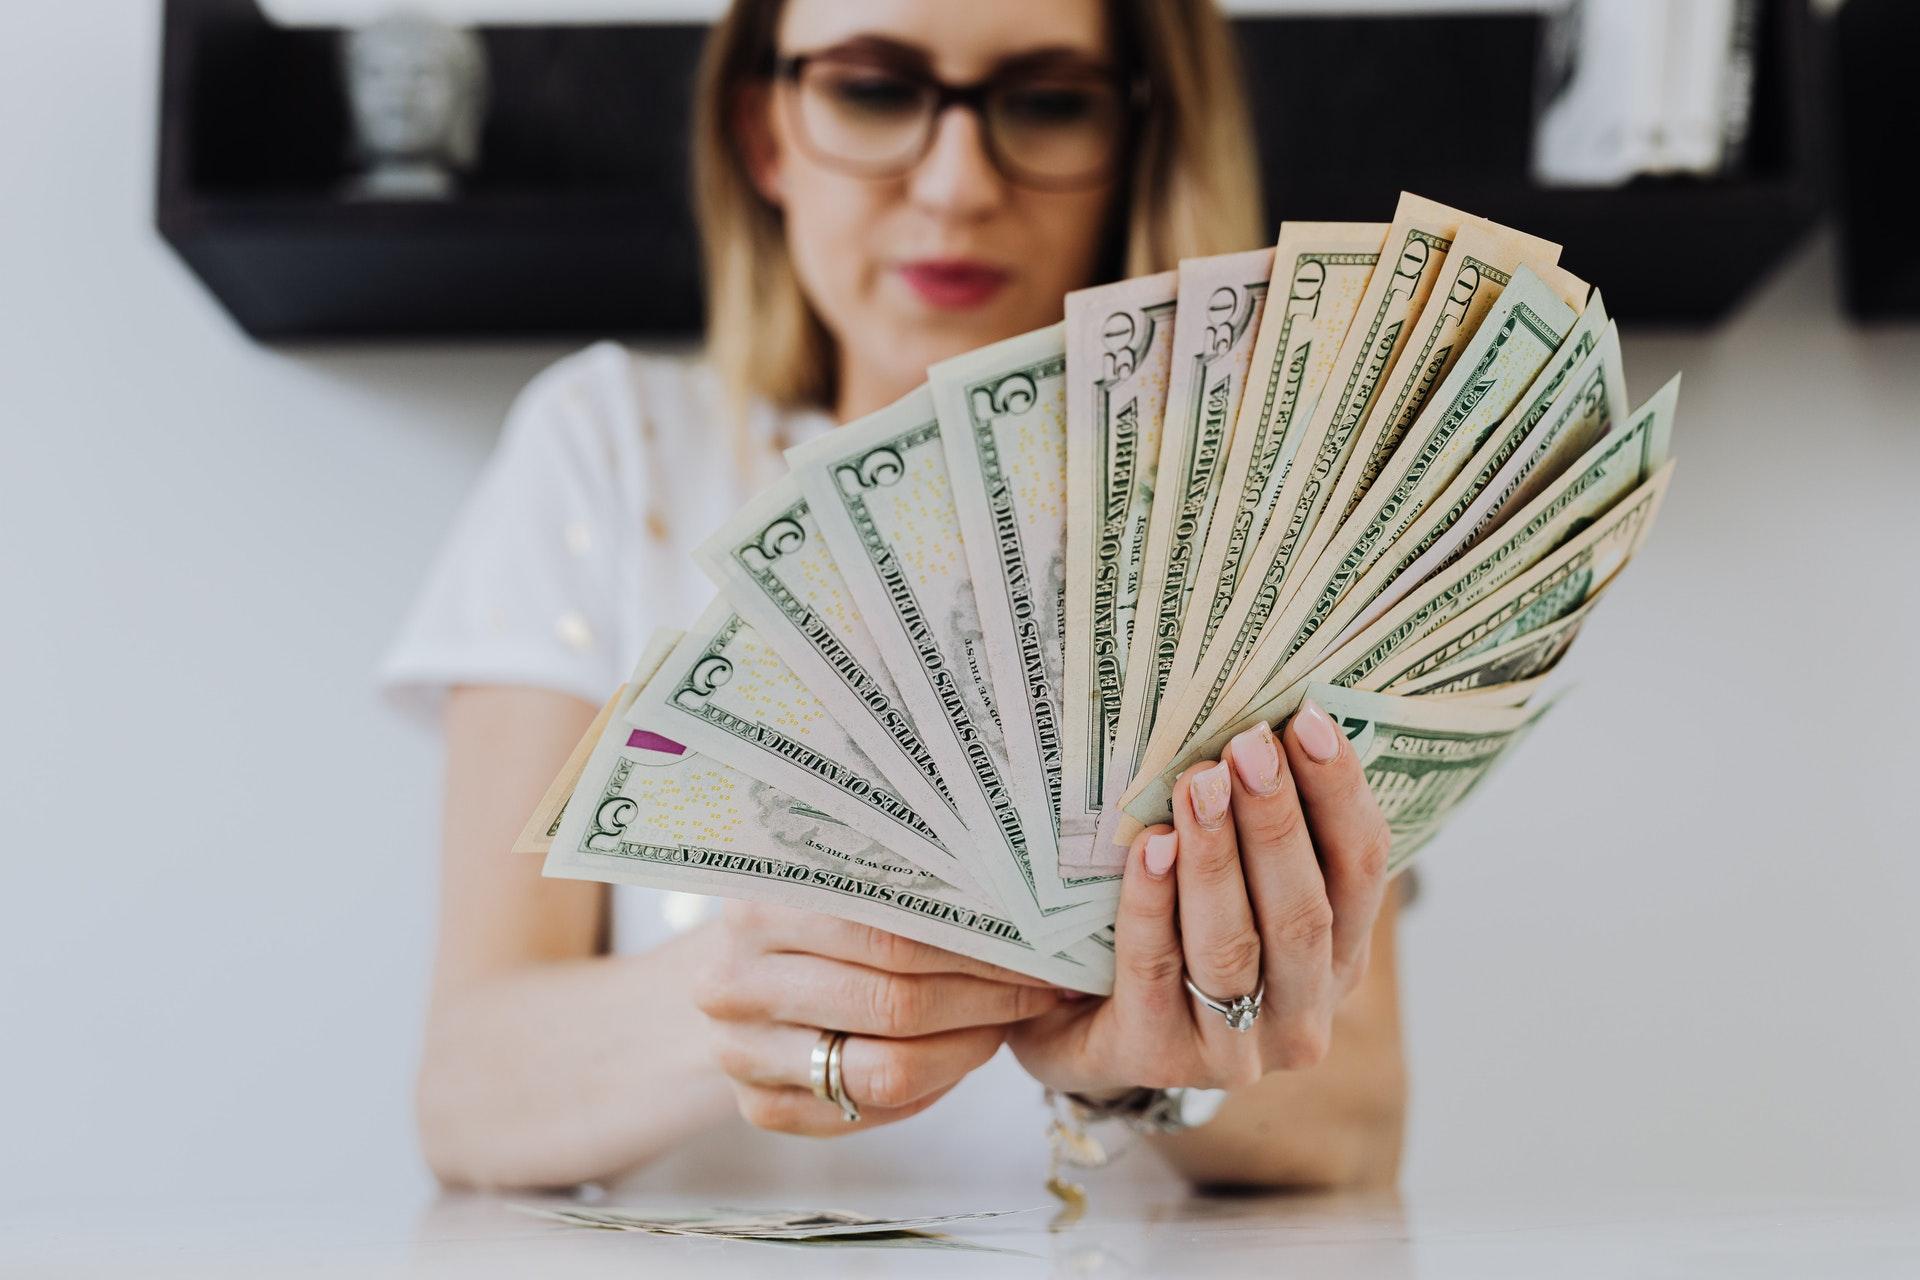 Imagem de uma mulher com a mão cheia de dólares. Imagem ilustrativa texto franquias com faturamento alto.